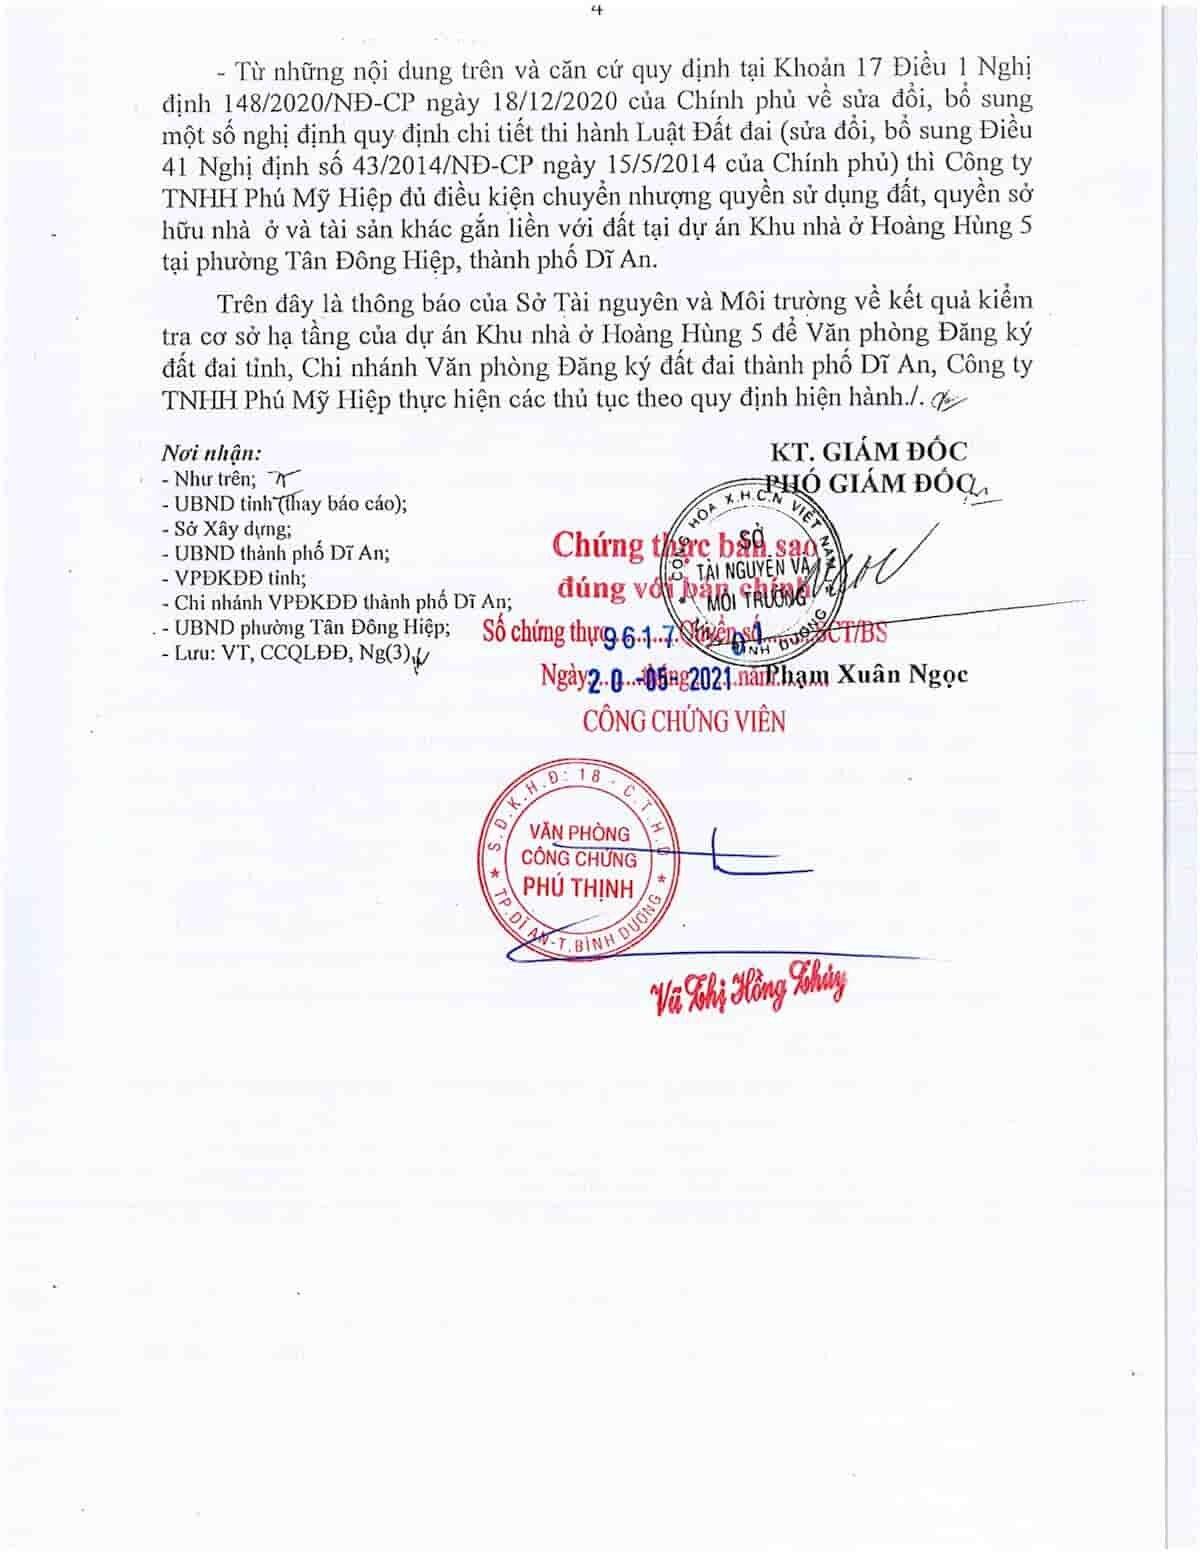 Quyết định 1780 Khu nhà ở Hoàng Hùng 5 - ảnh 4